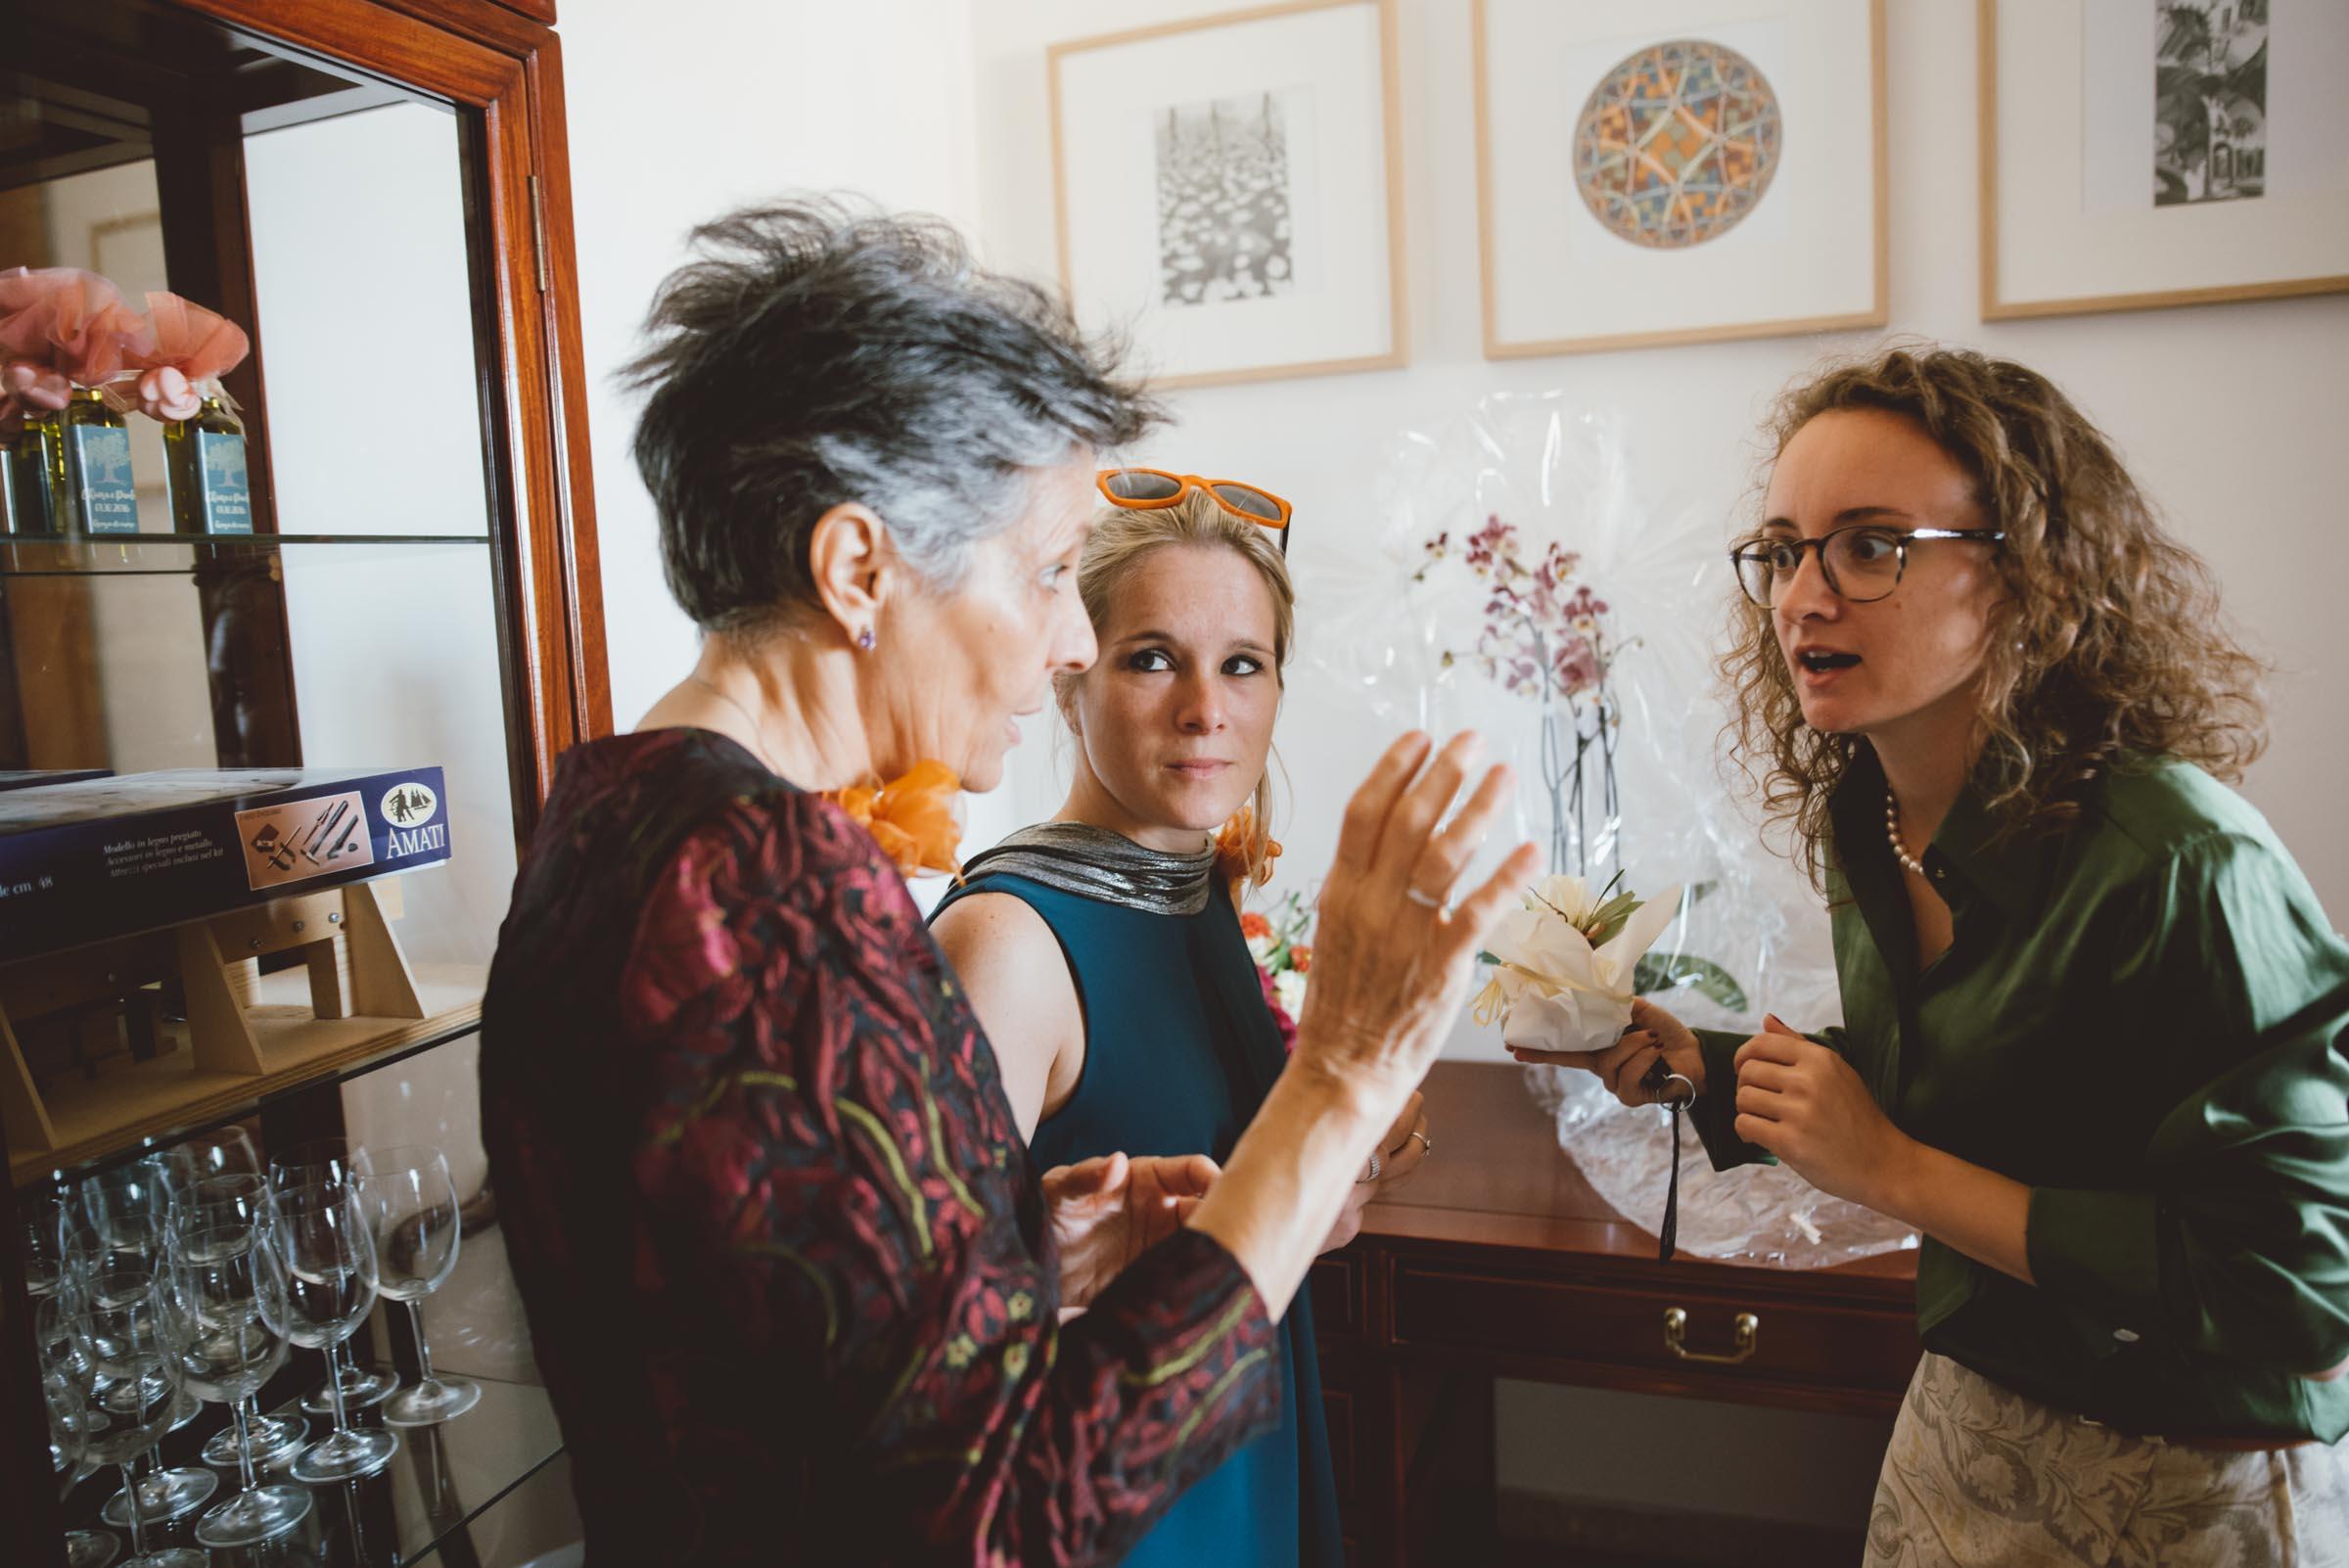 fotografo matrimonio milano monza brianza modena wedding destination reportage fine art nozze max allegritti